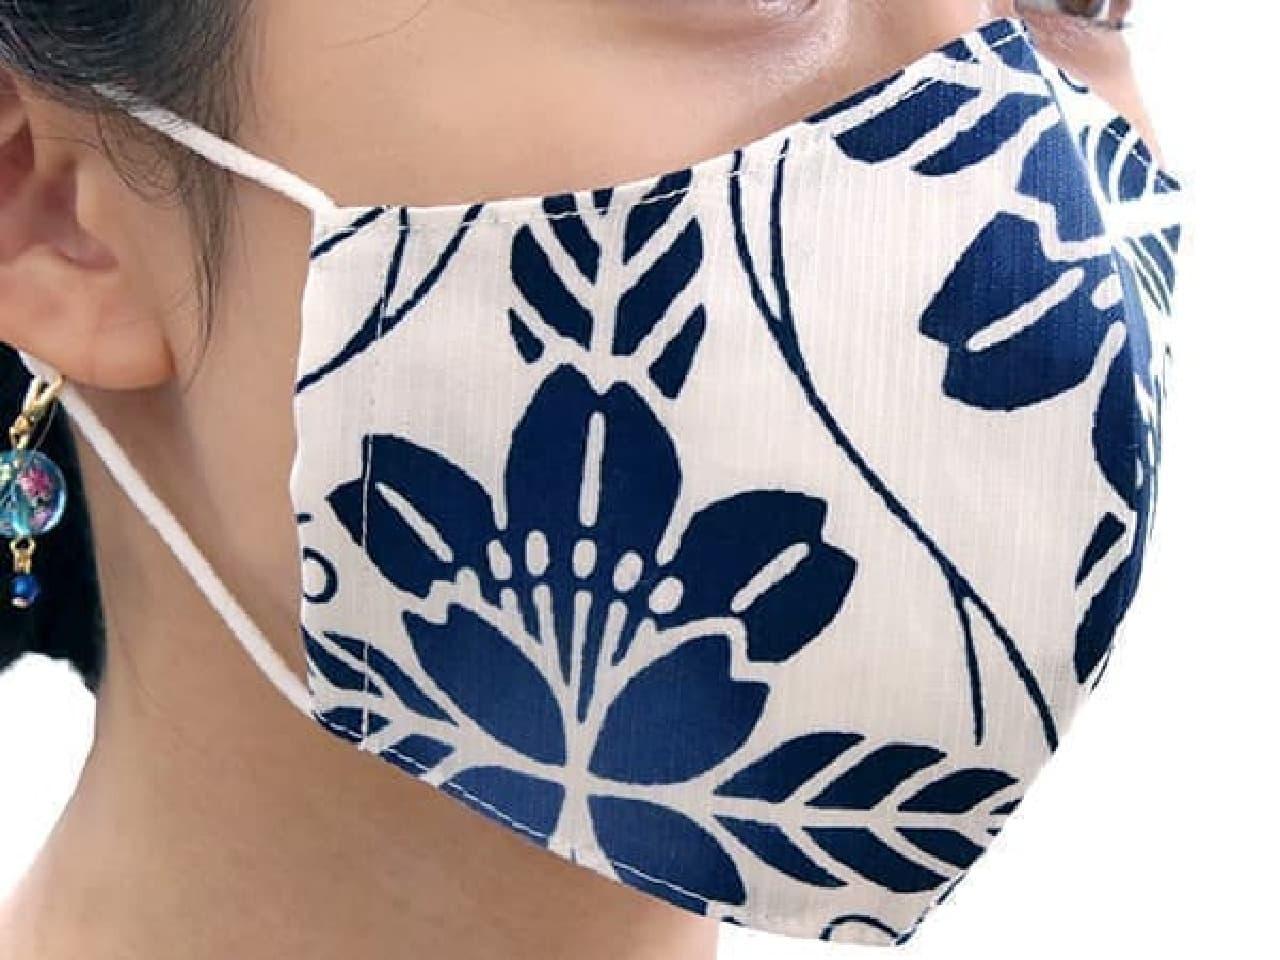 紺色の桜柄が涼し気!浴衣生地を使った和柄マスク -- キシリトール加工で呼吸も涼しく